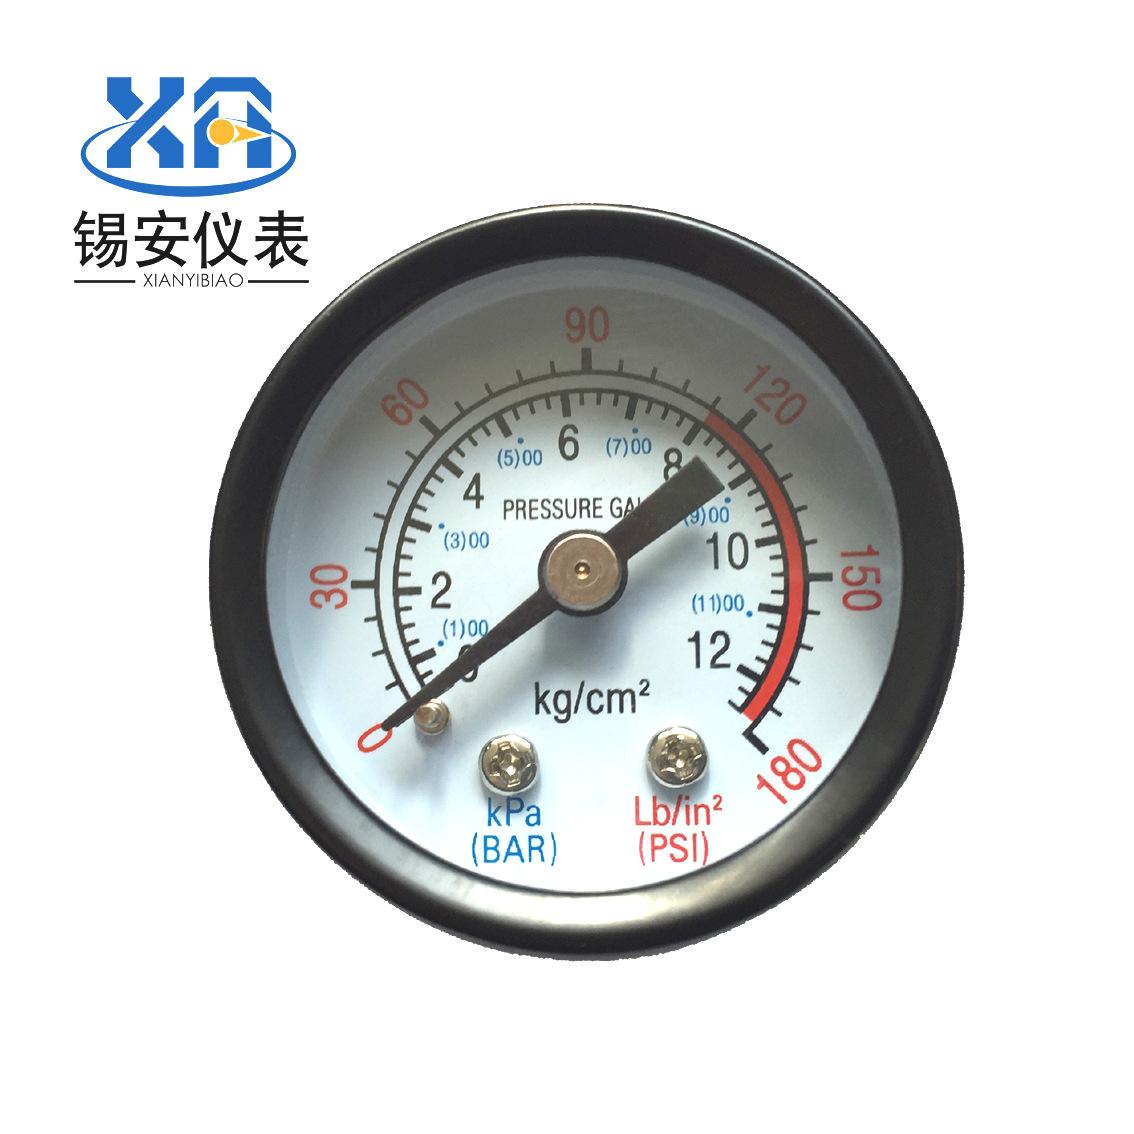 XIAN Đồng hồ đo áp suất Nhà máy trực tiếp Y40 máy đo áp suất dụng cụ máy nén khí phụ kiện máy đo hướ